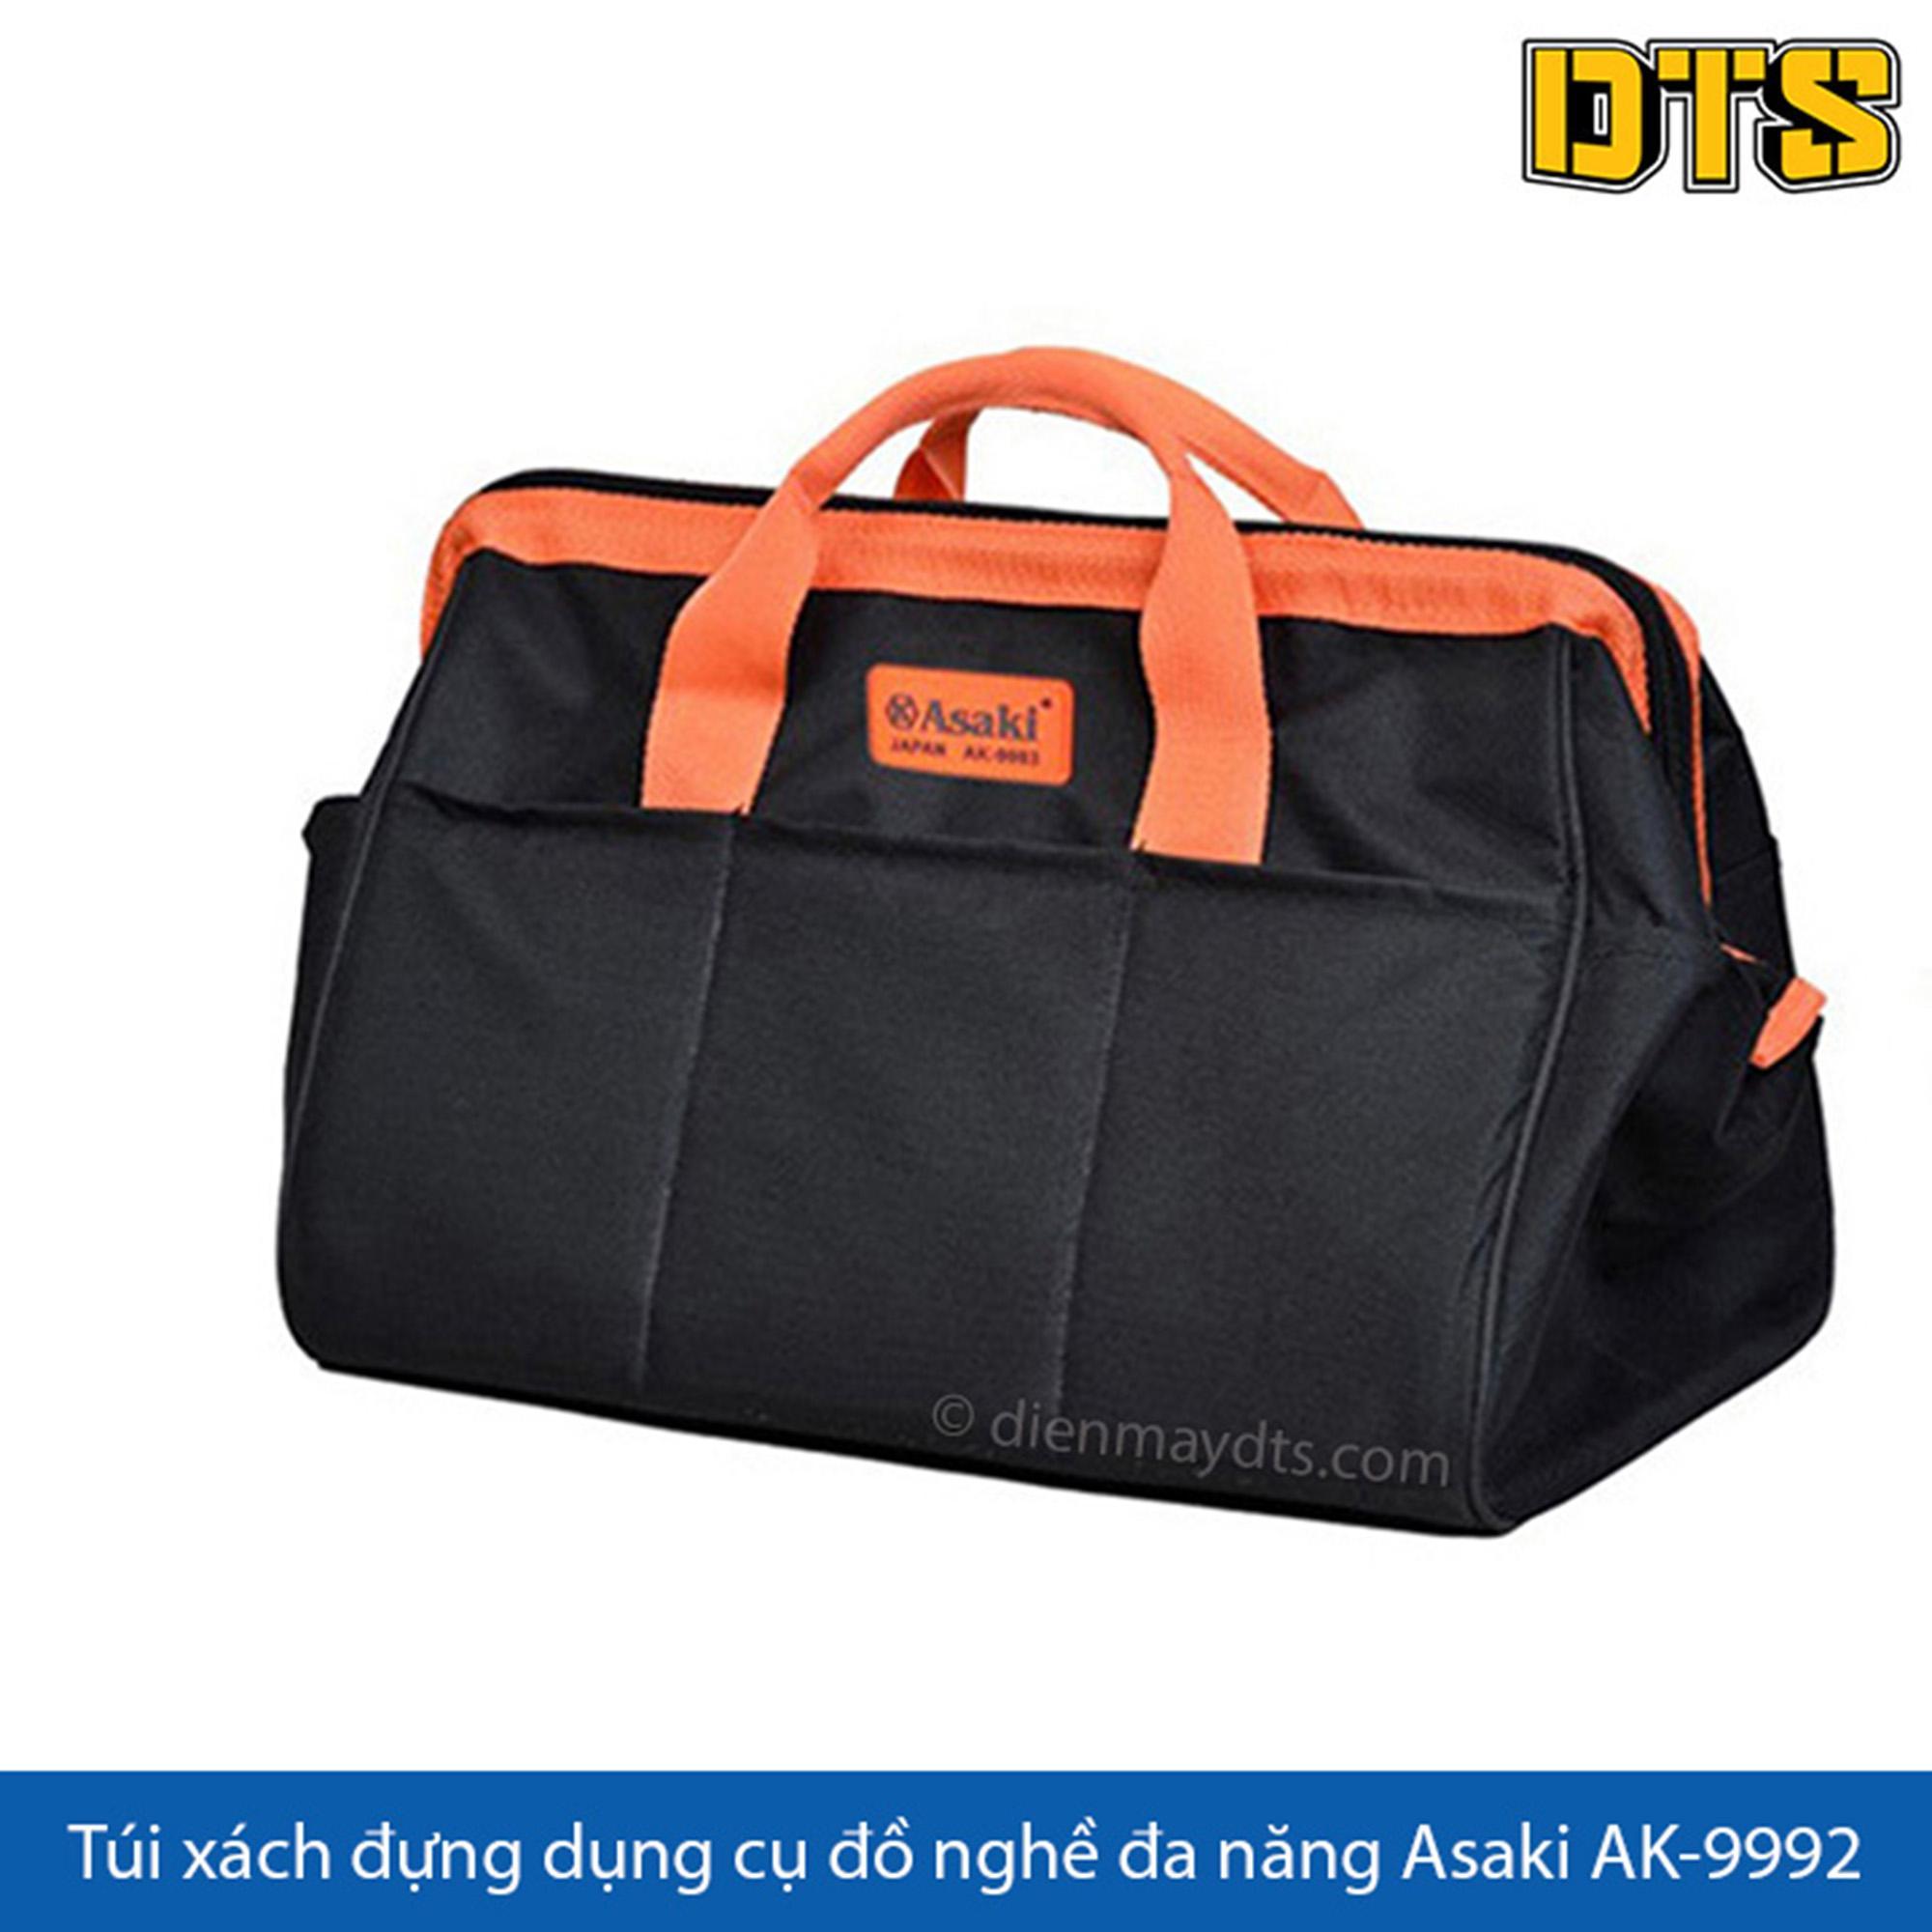 Túi xách đựng dụng cụ đồ nghề đa năng Asaki AK-9992